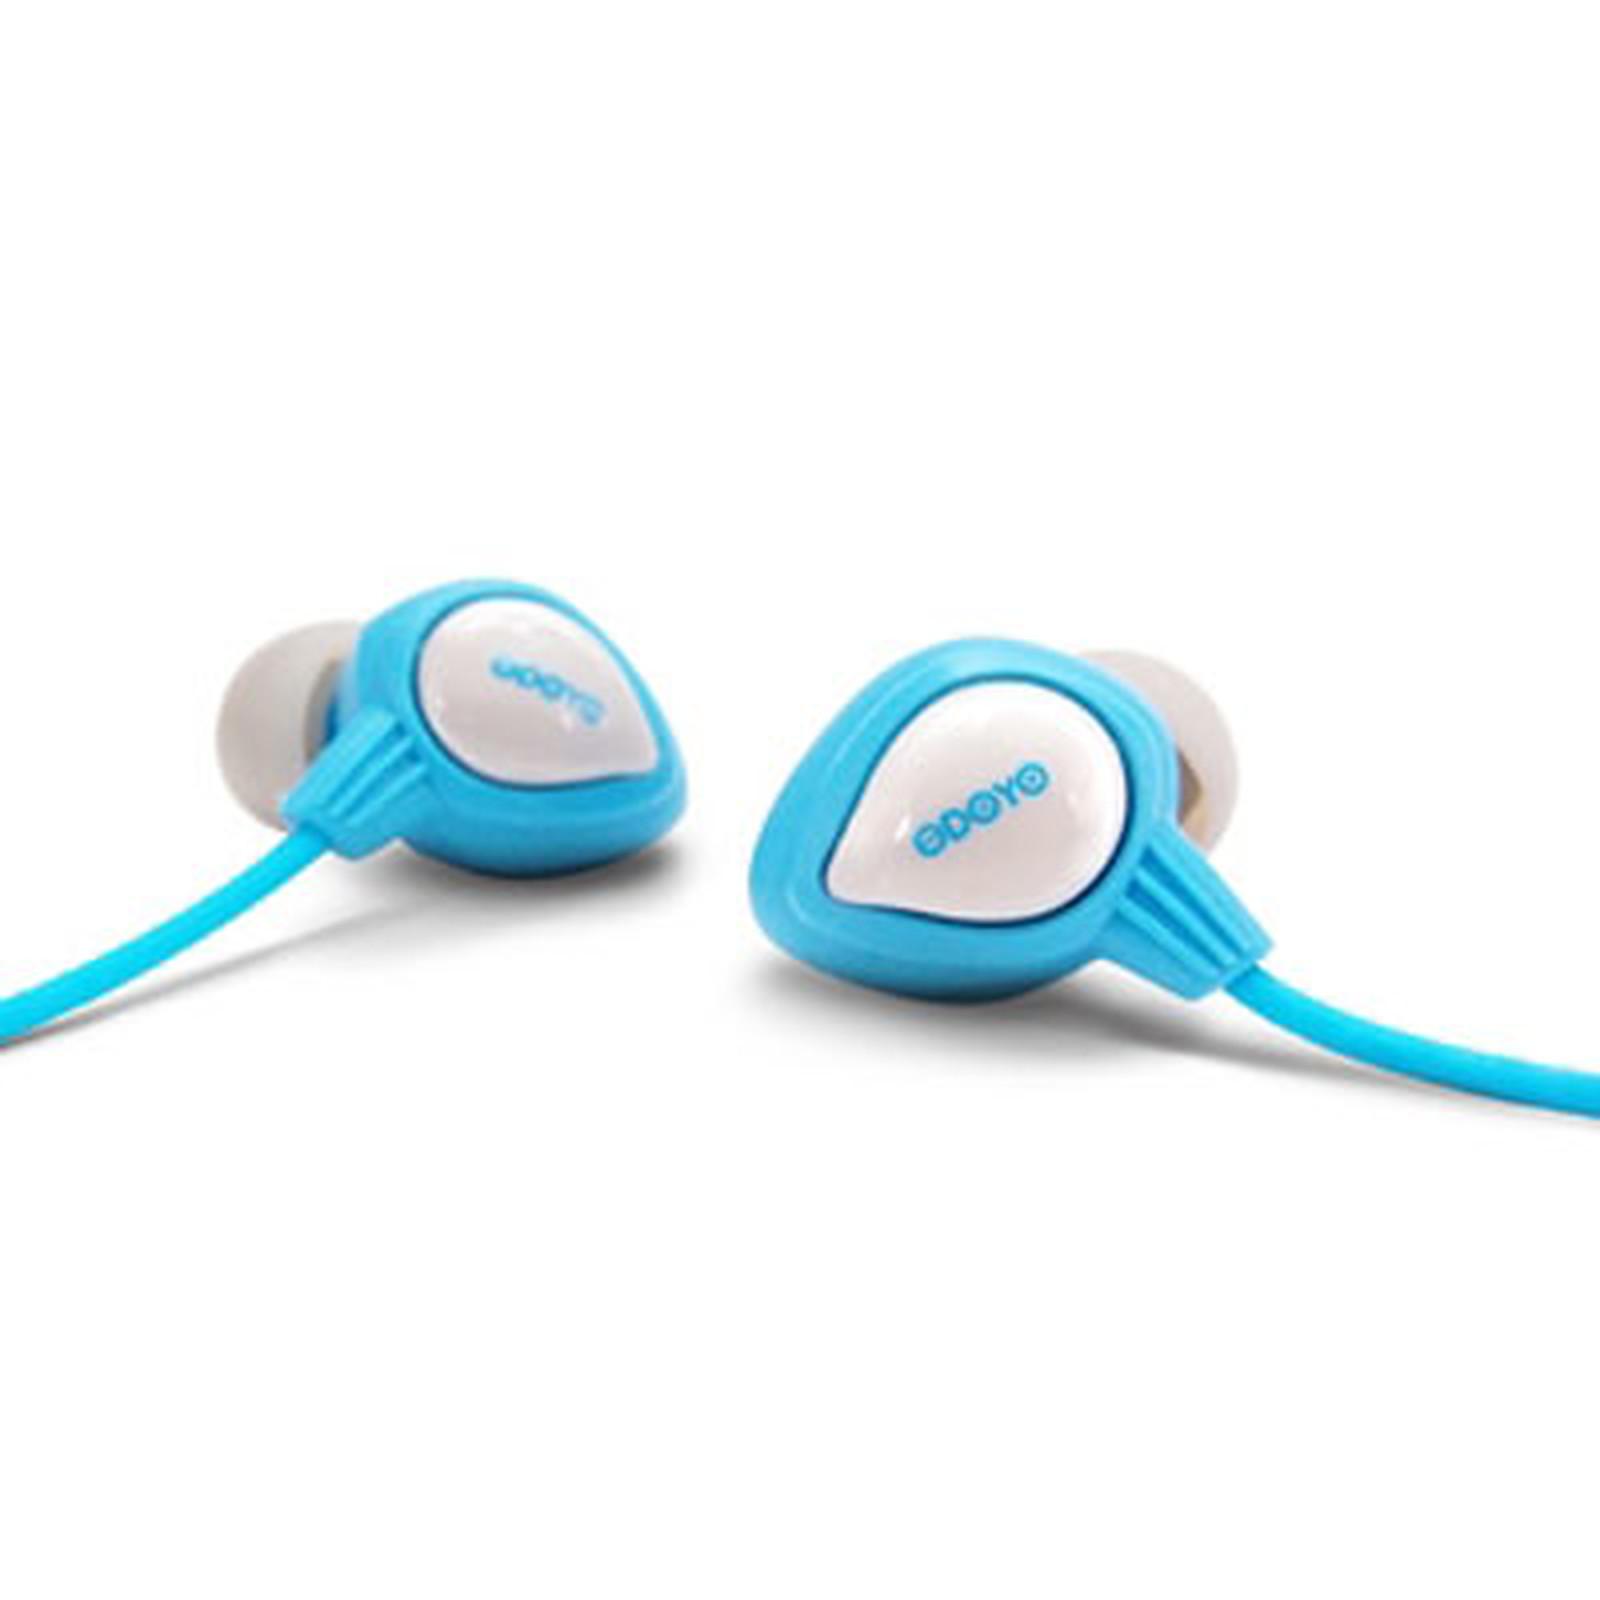 Odoyo Waterproof Wired Sport Headset AQ Bleu